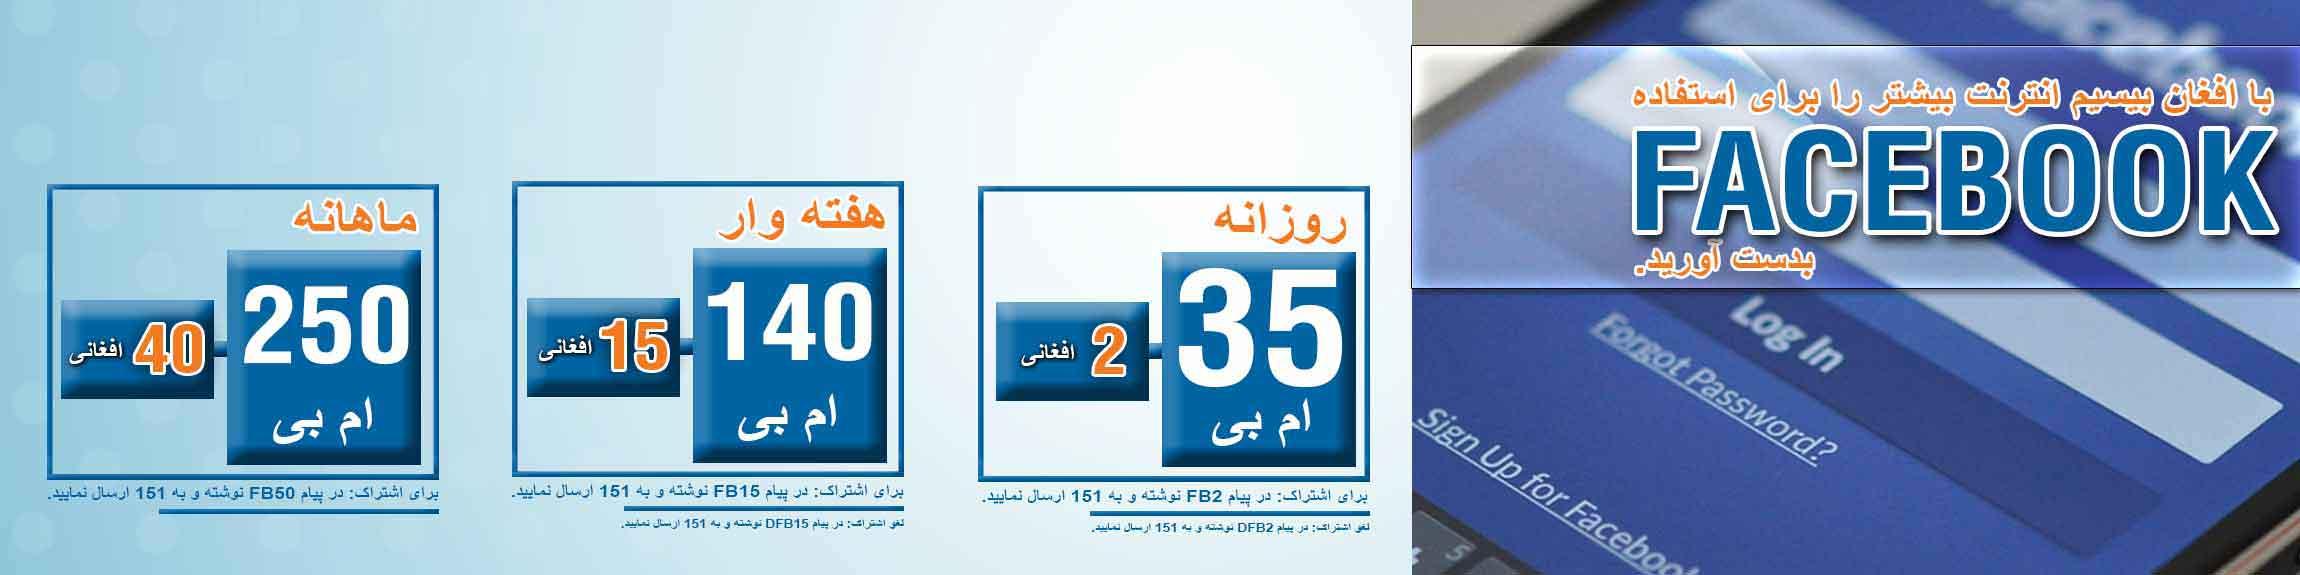 fb-pack-Dari-web